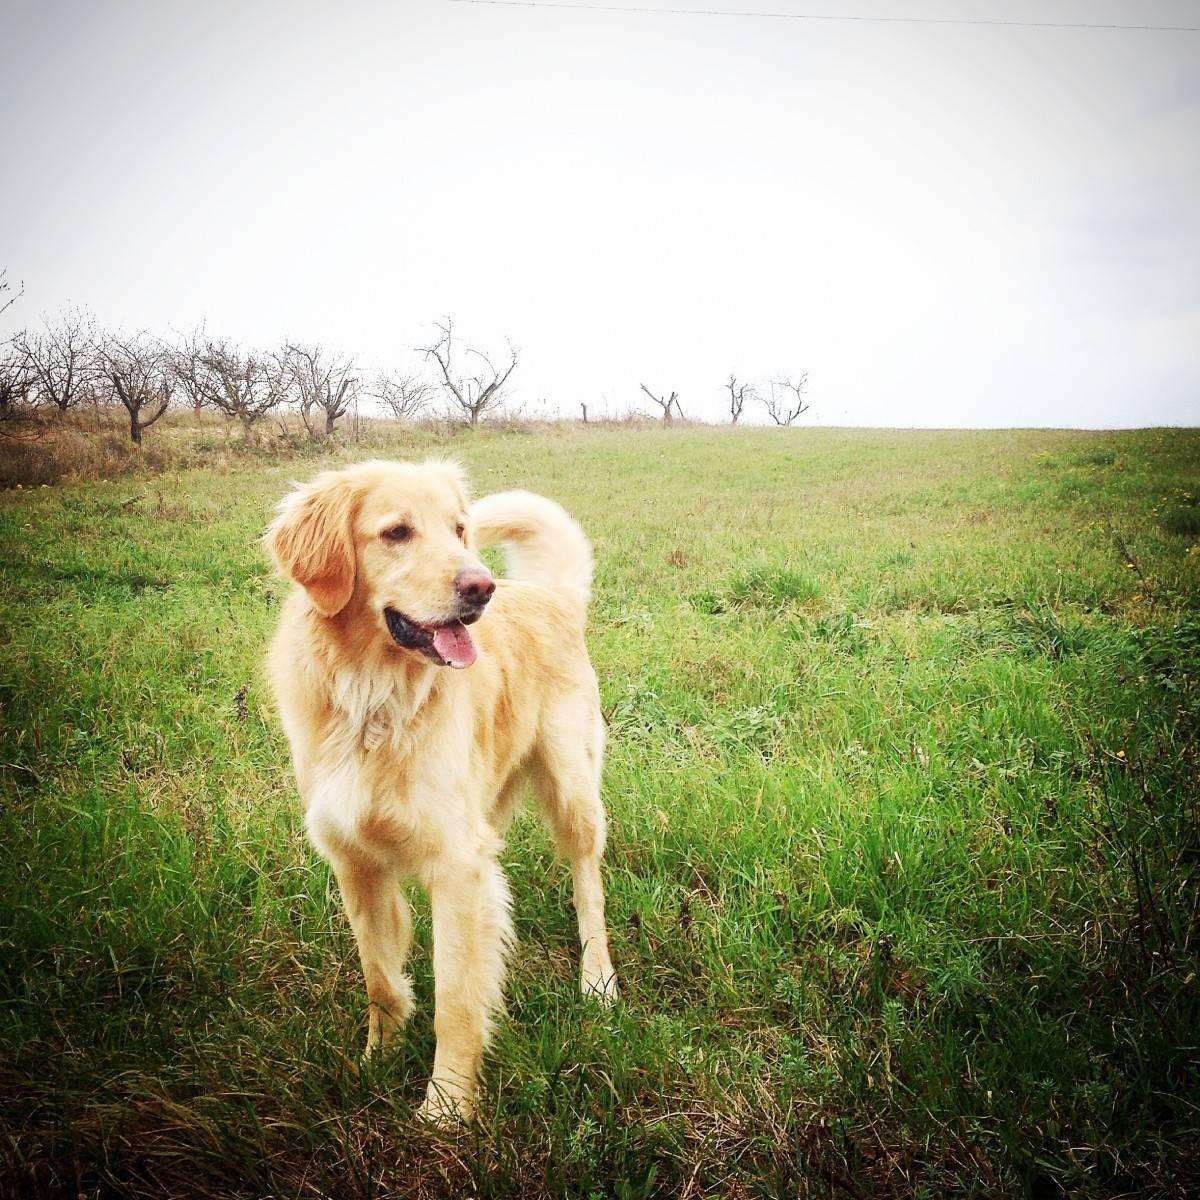 Домашний страж ховаварт — порода собак из германии: описание экстерьера, характер и навыки. ховаварт: происхождение, темперамент, основы ухода